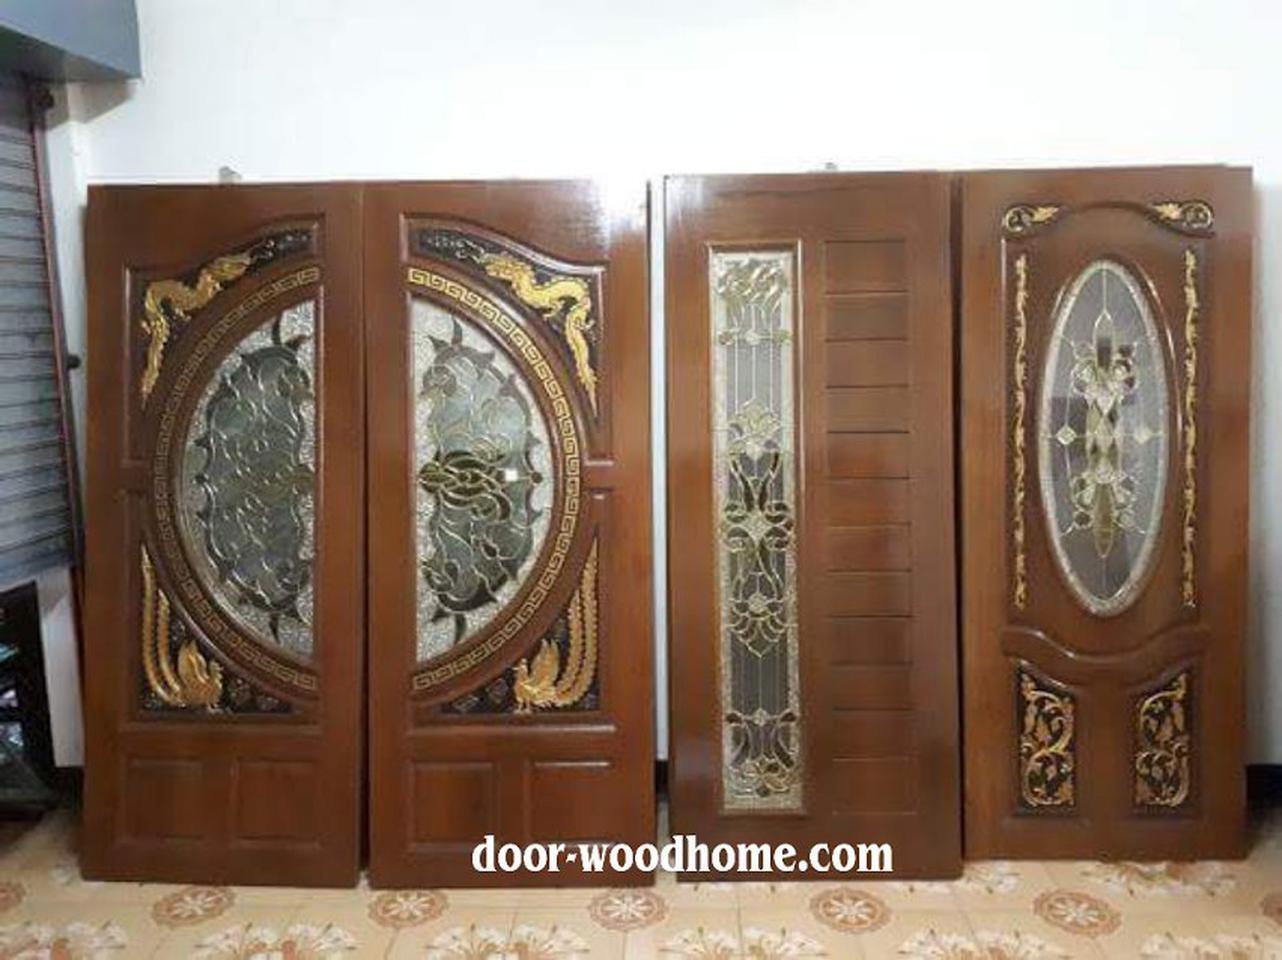 ร้านวรกานต์ค้าไม้ จำหน่ายประตูไม้สัก,ประตูไม้สักกระจกนิรภัย,เฟอร์นิเจอร์ ไม้สักทุกชนิด ทั้งปลีกและส่ง รูปที่ 4